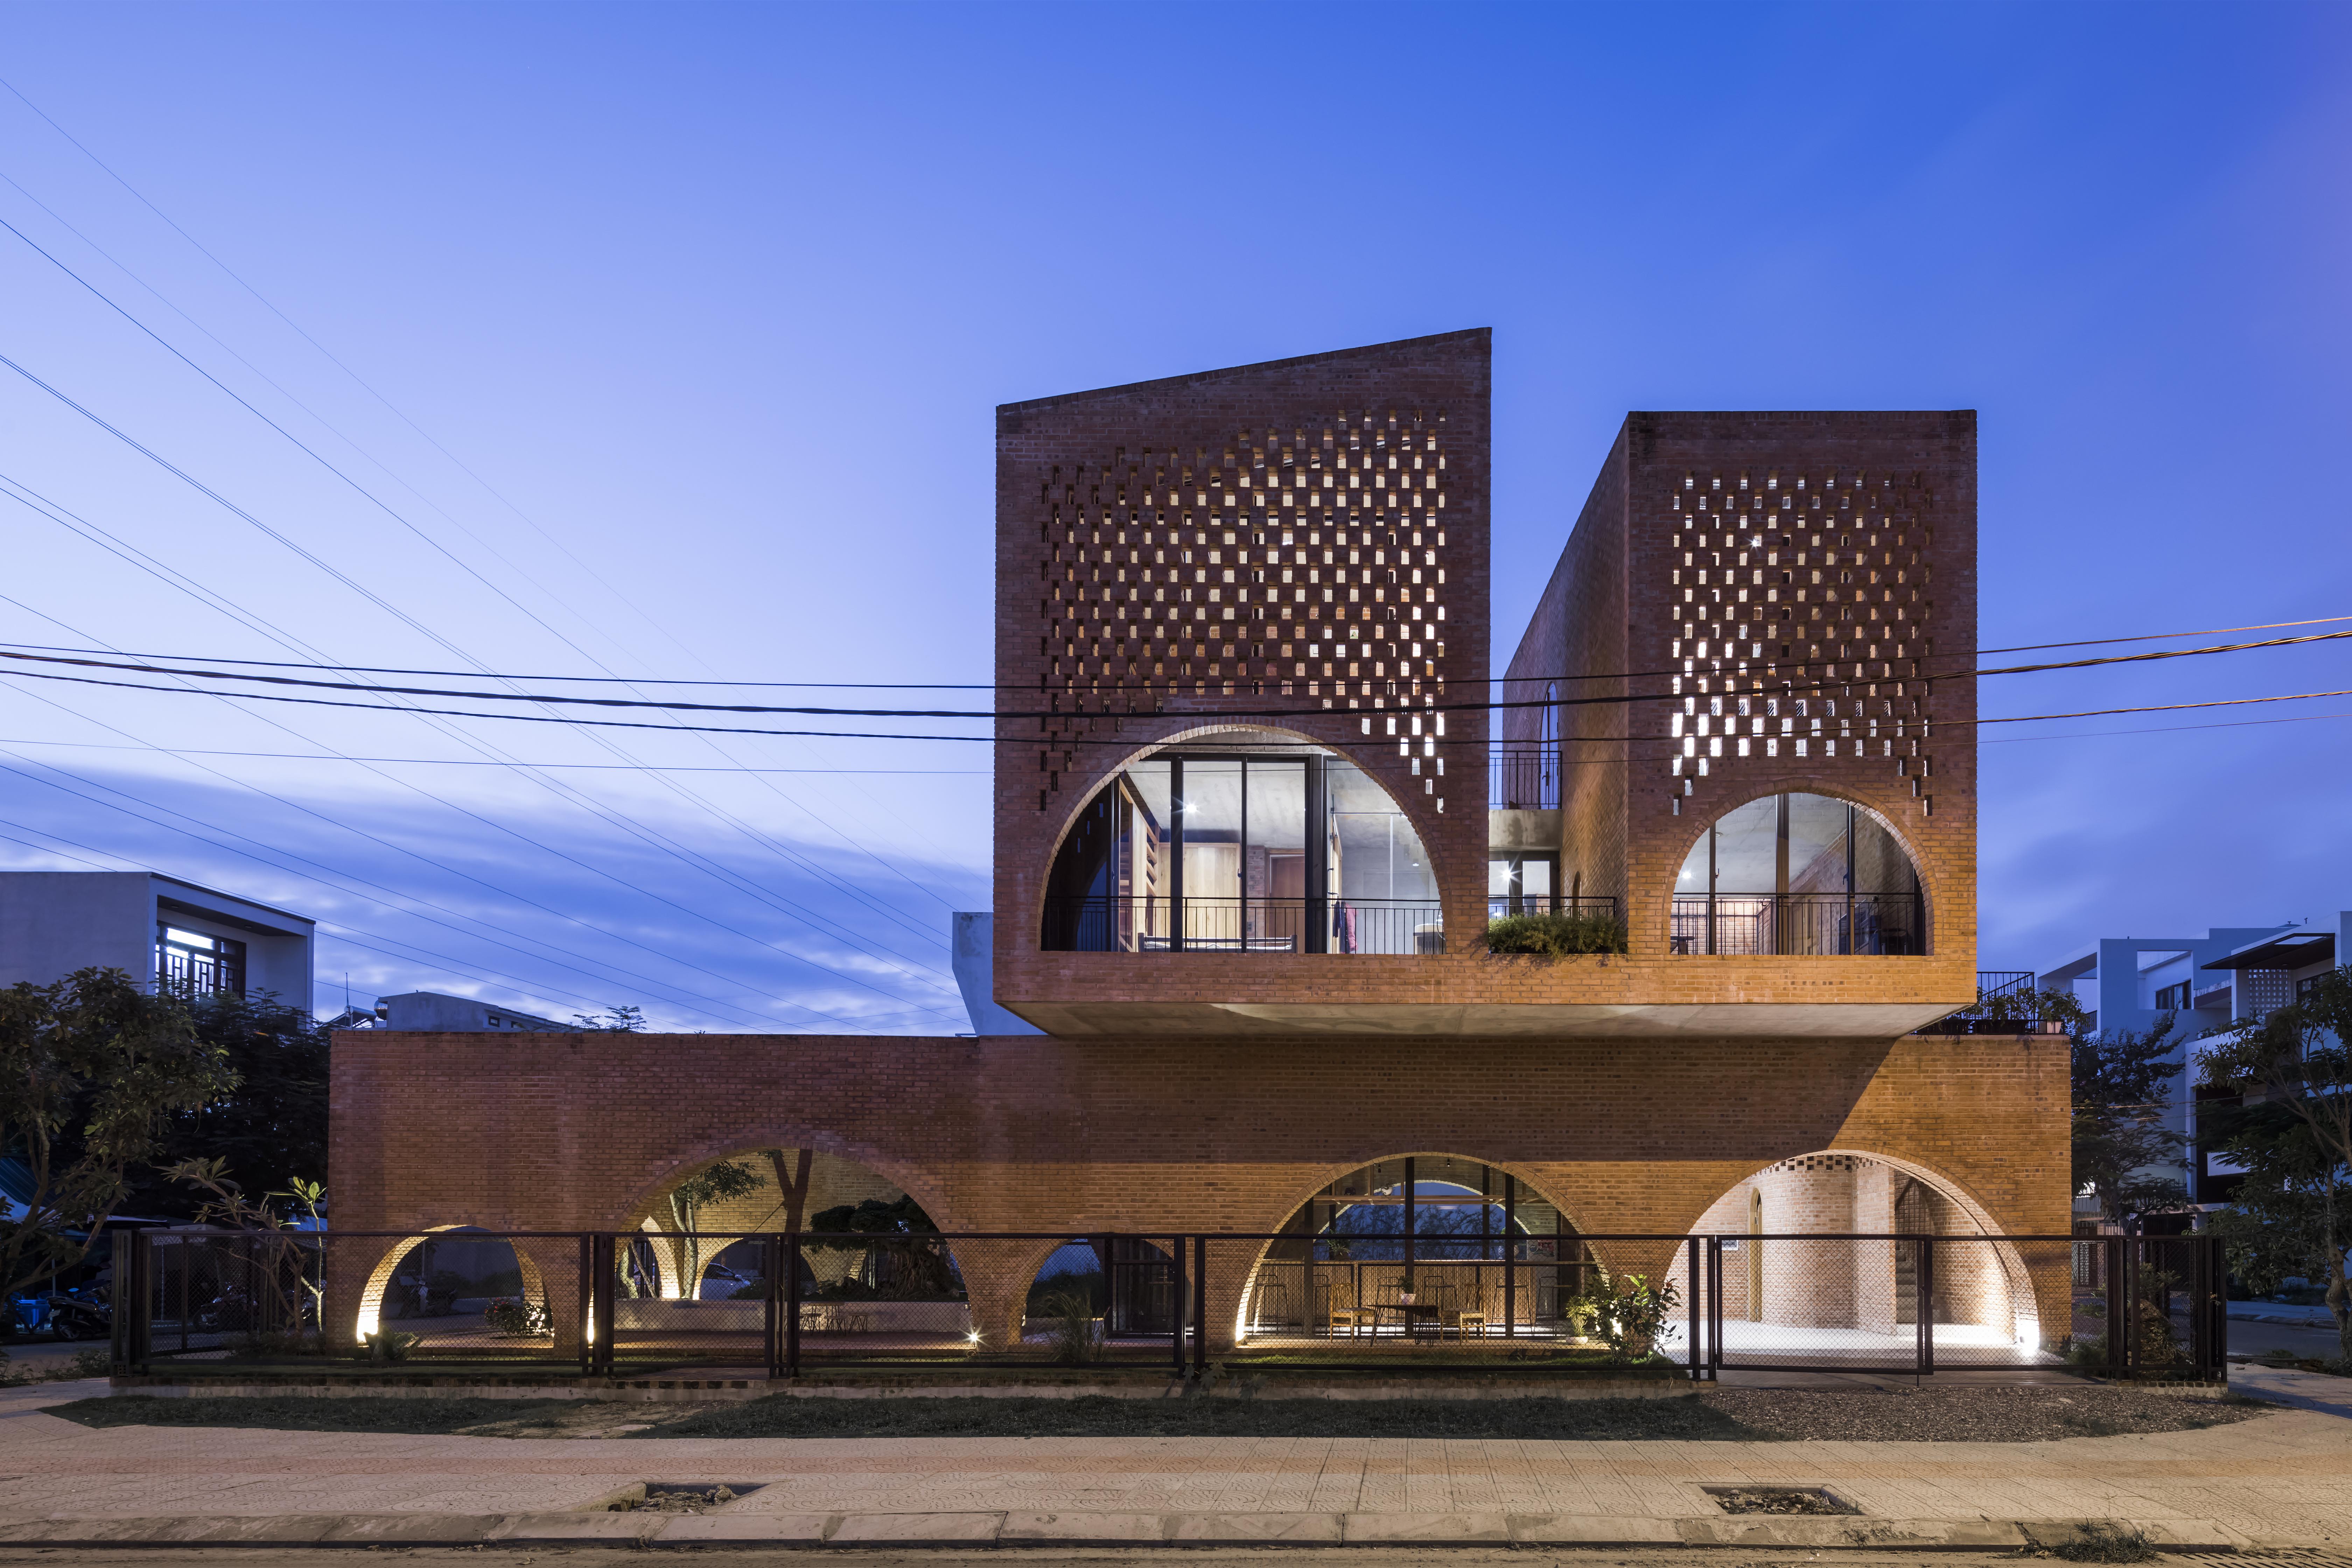 Arquitetura moderna em Hanói.